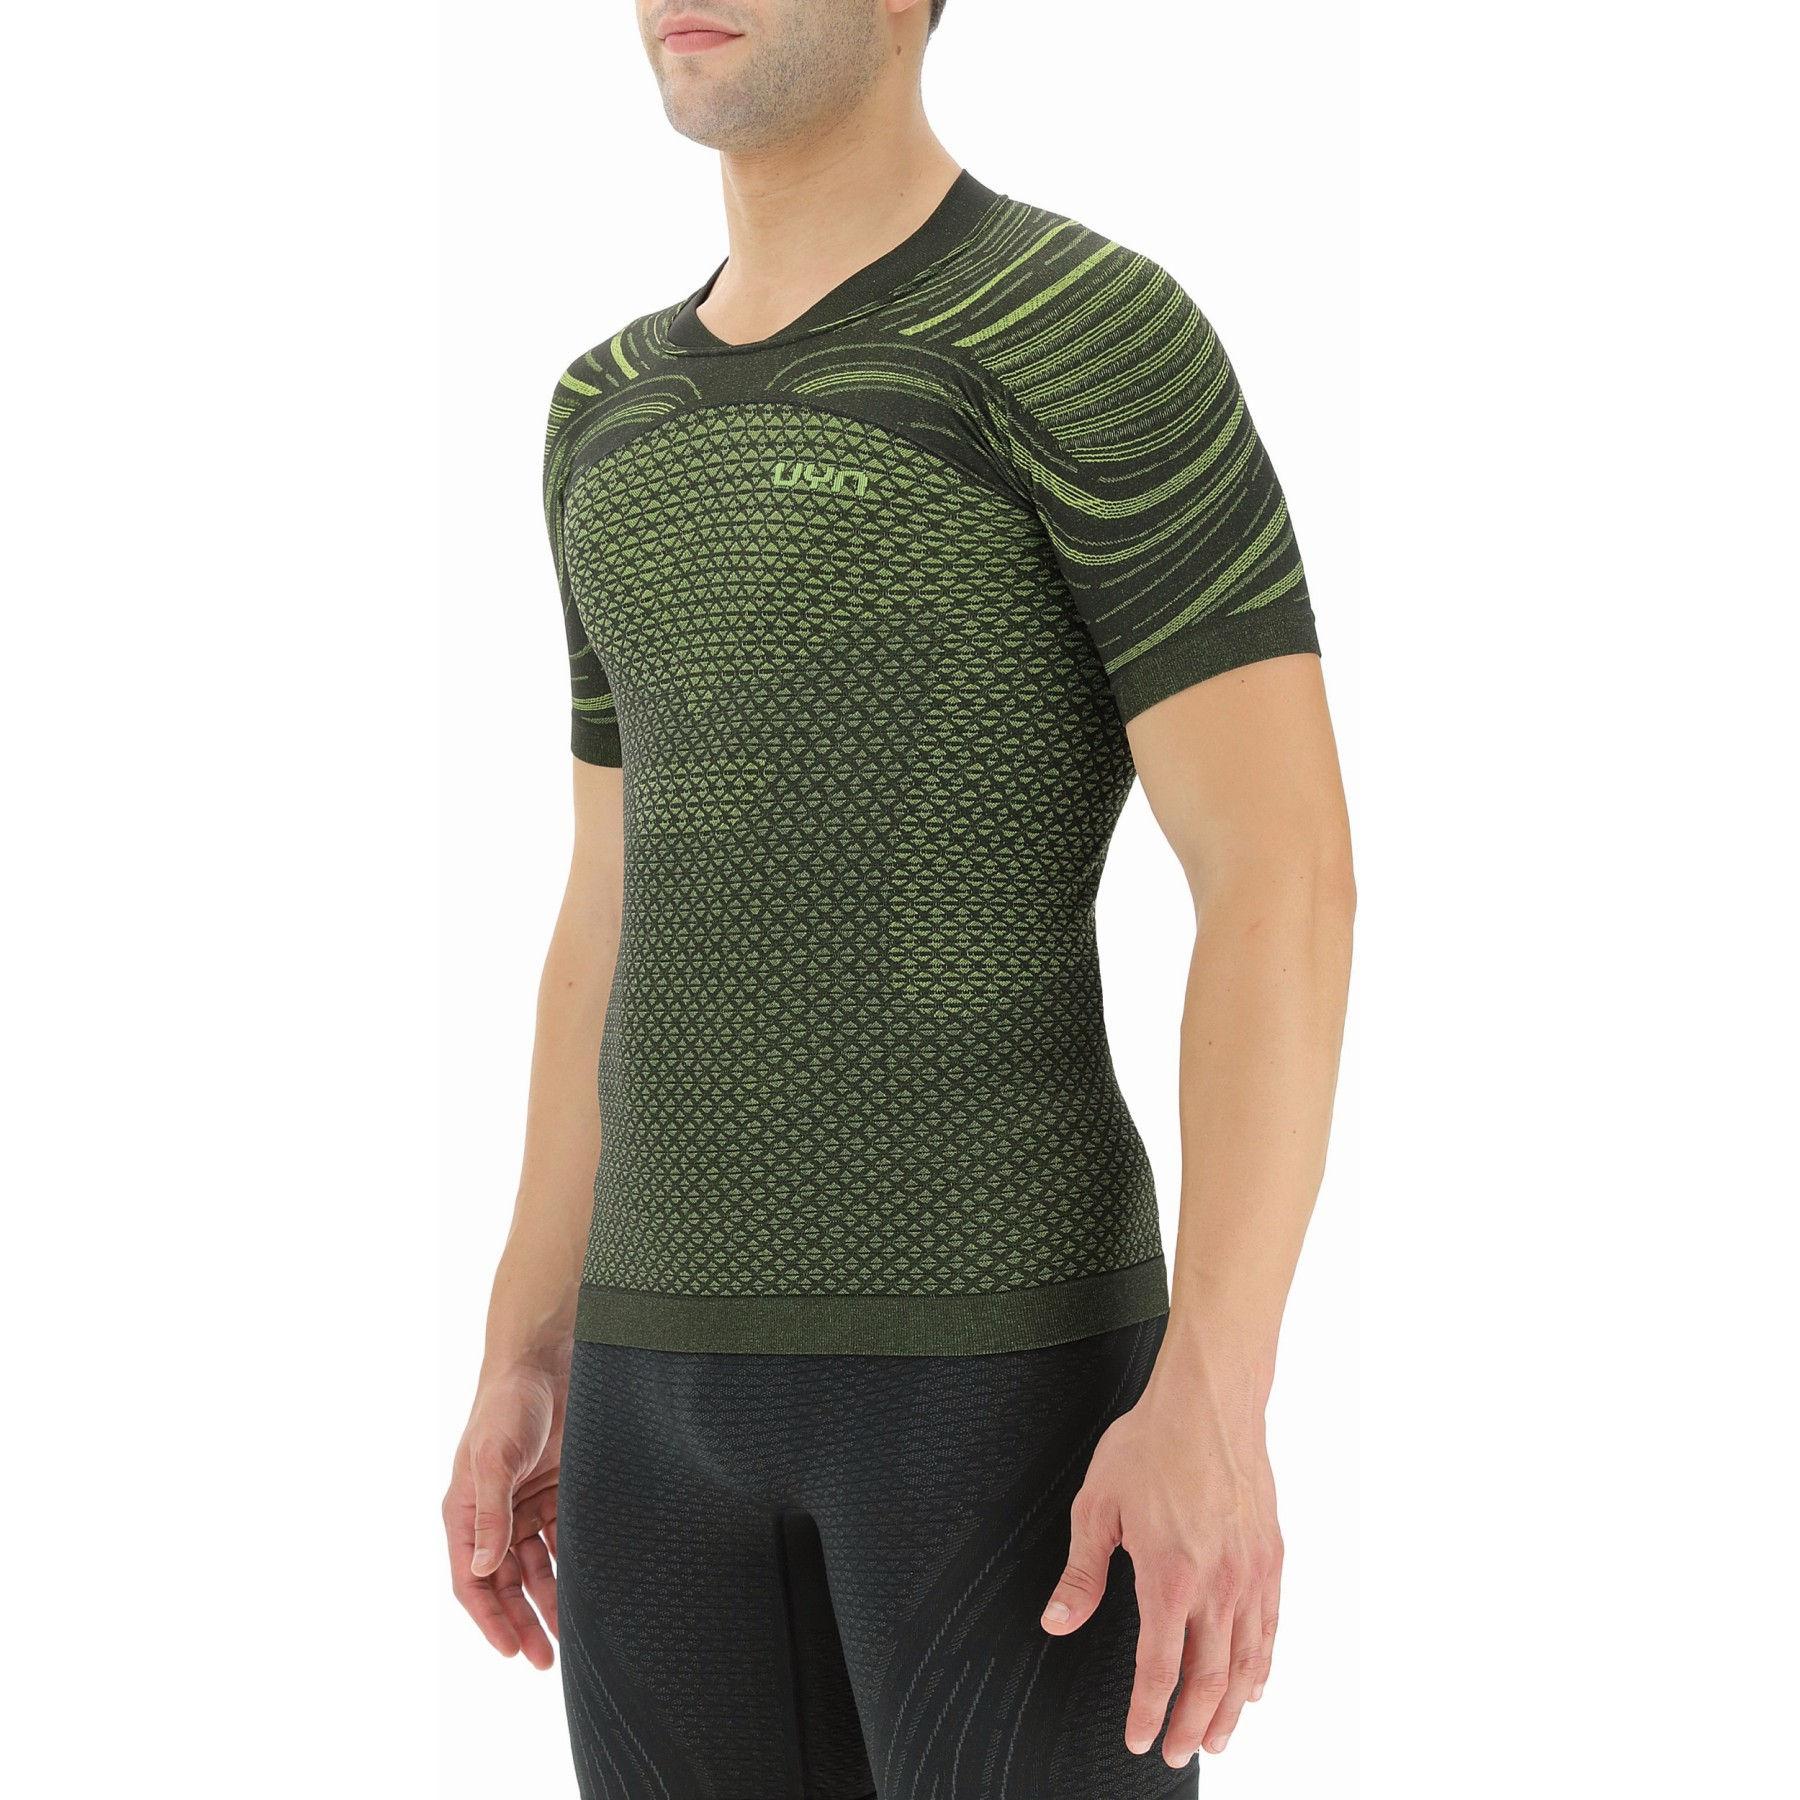 Bild von UYN Alpha Coolboost Running T-Shirt - Ultra Lime/Lizard